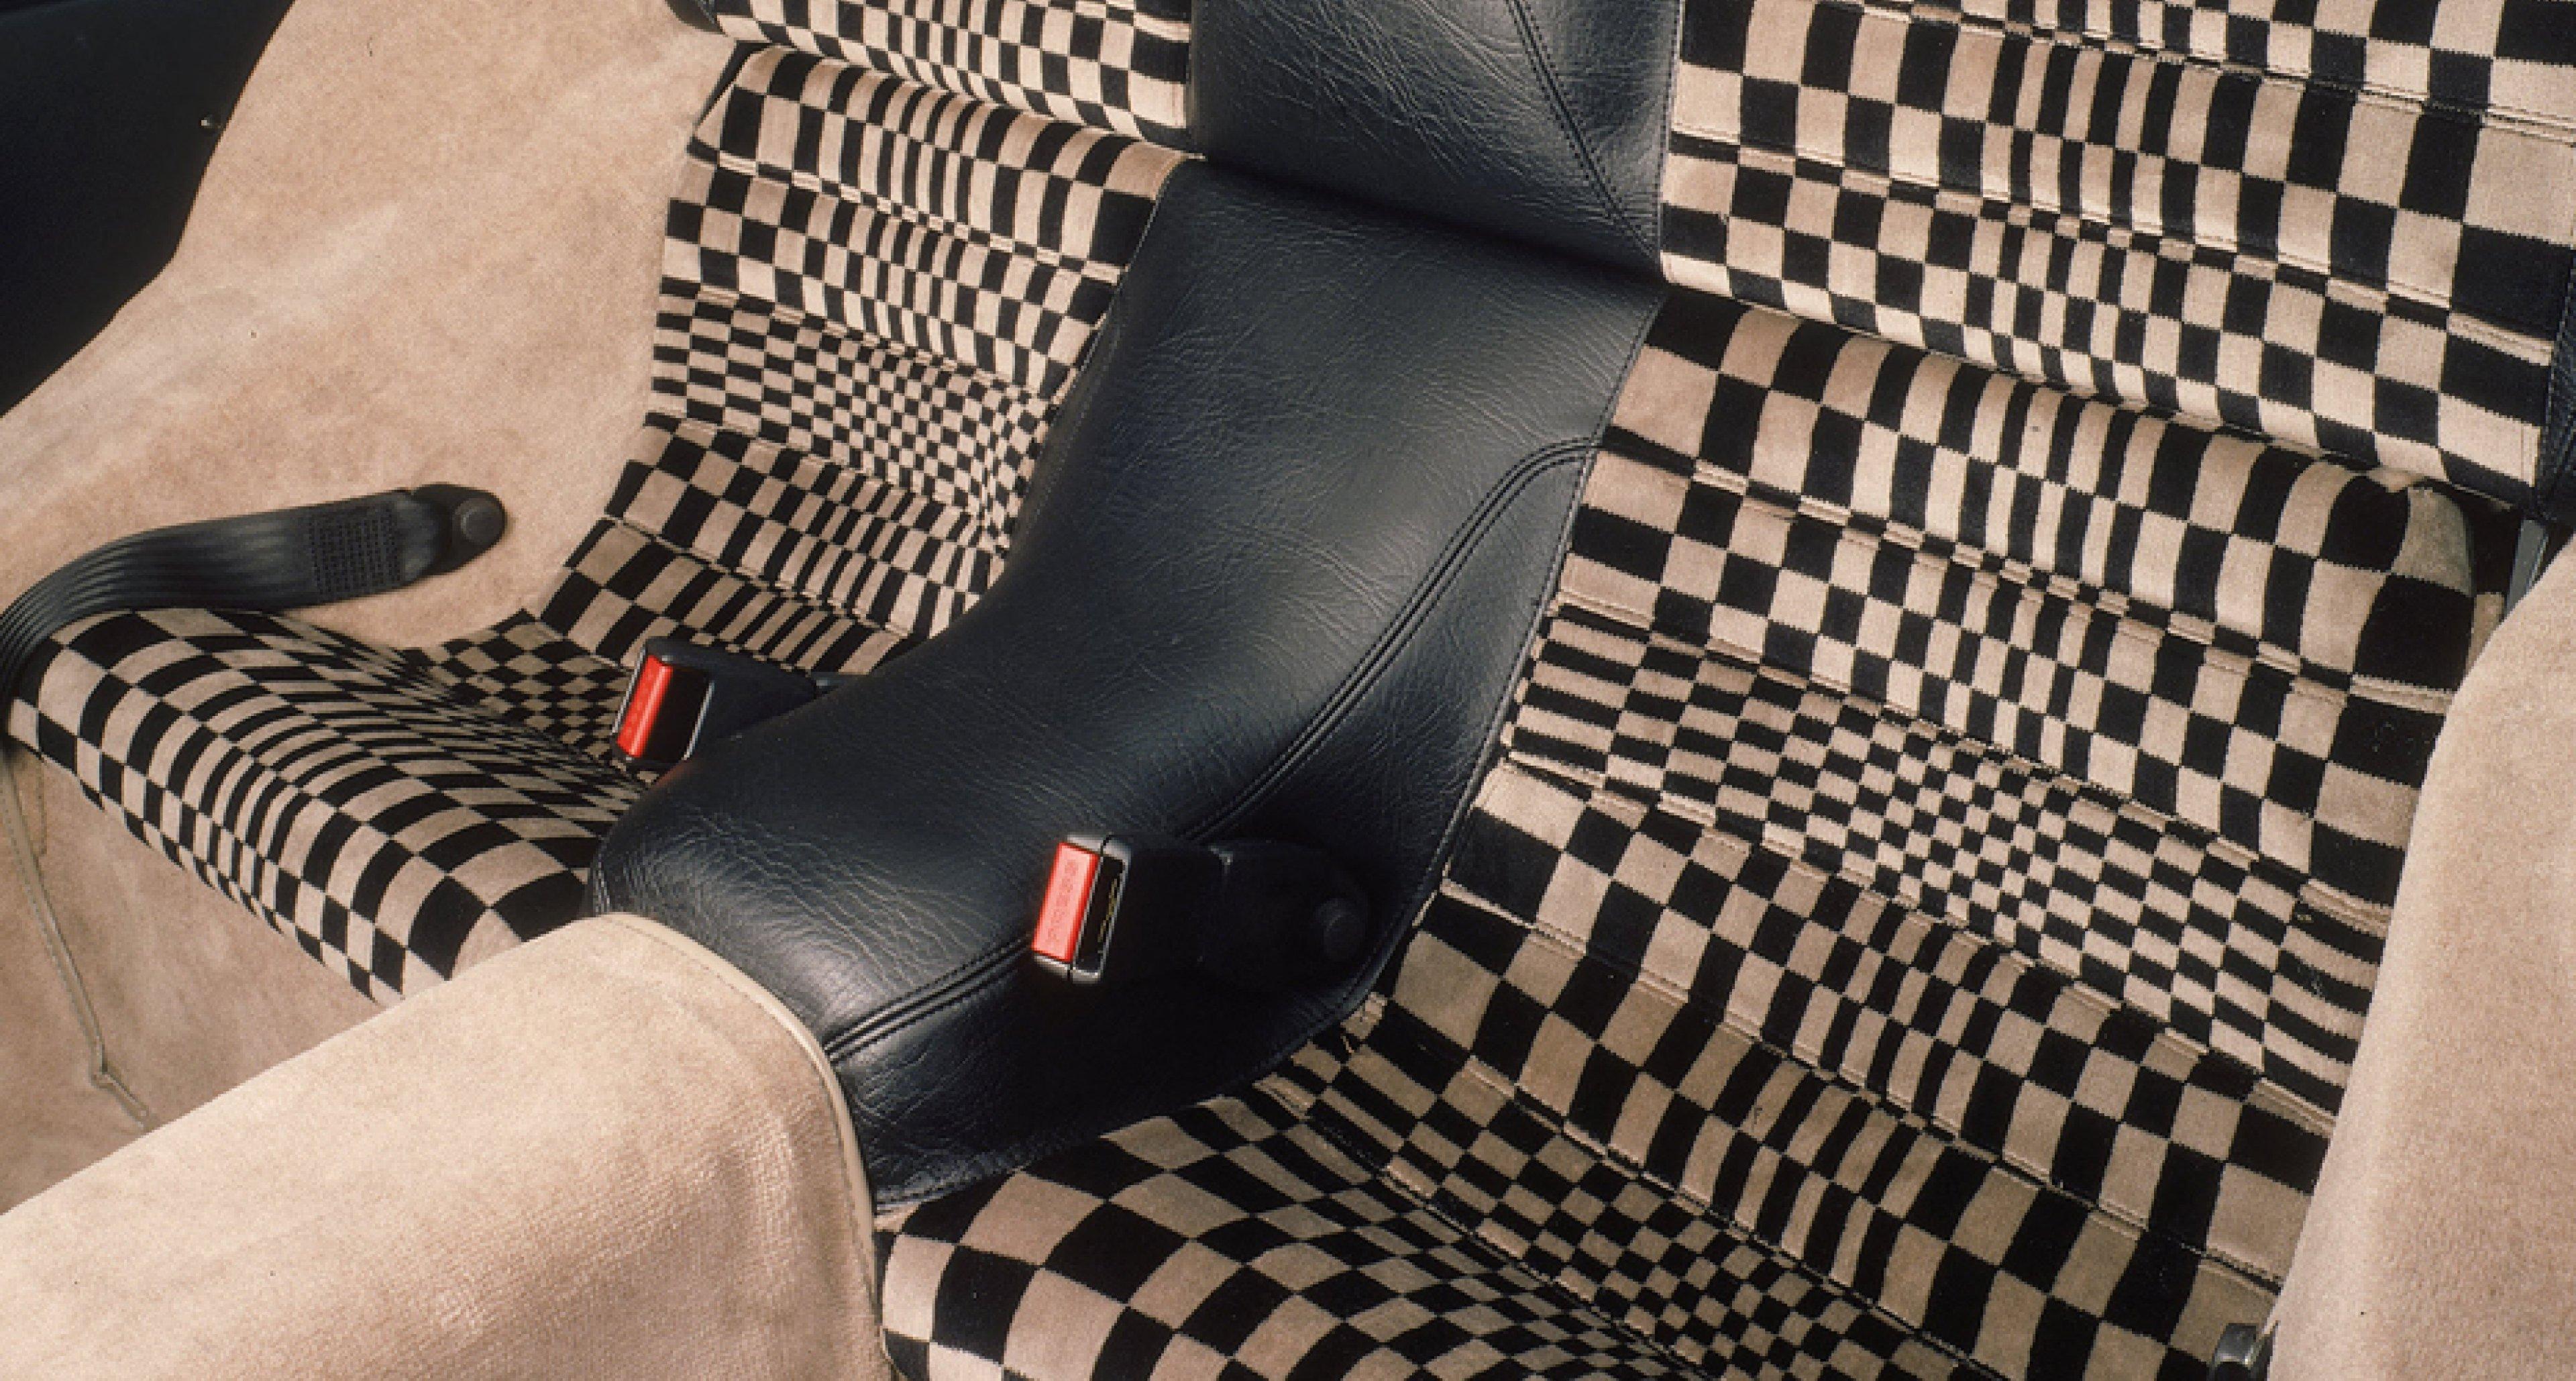 Op-art style 'Pascha' seats in a 1983 Porsche 924.